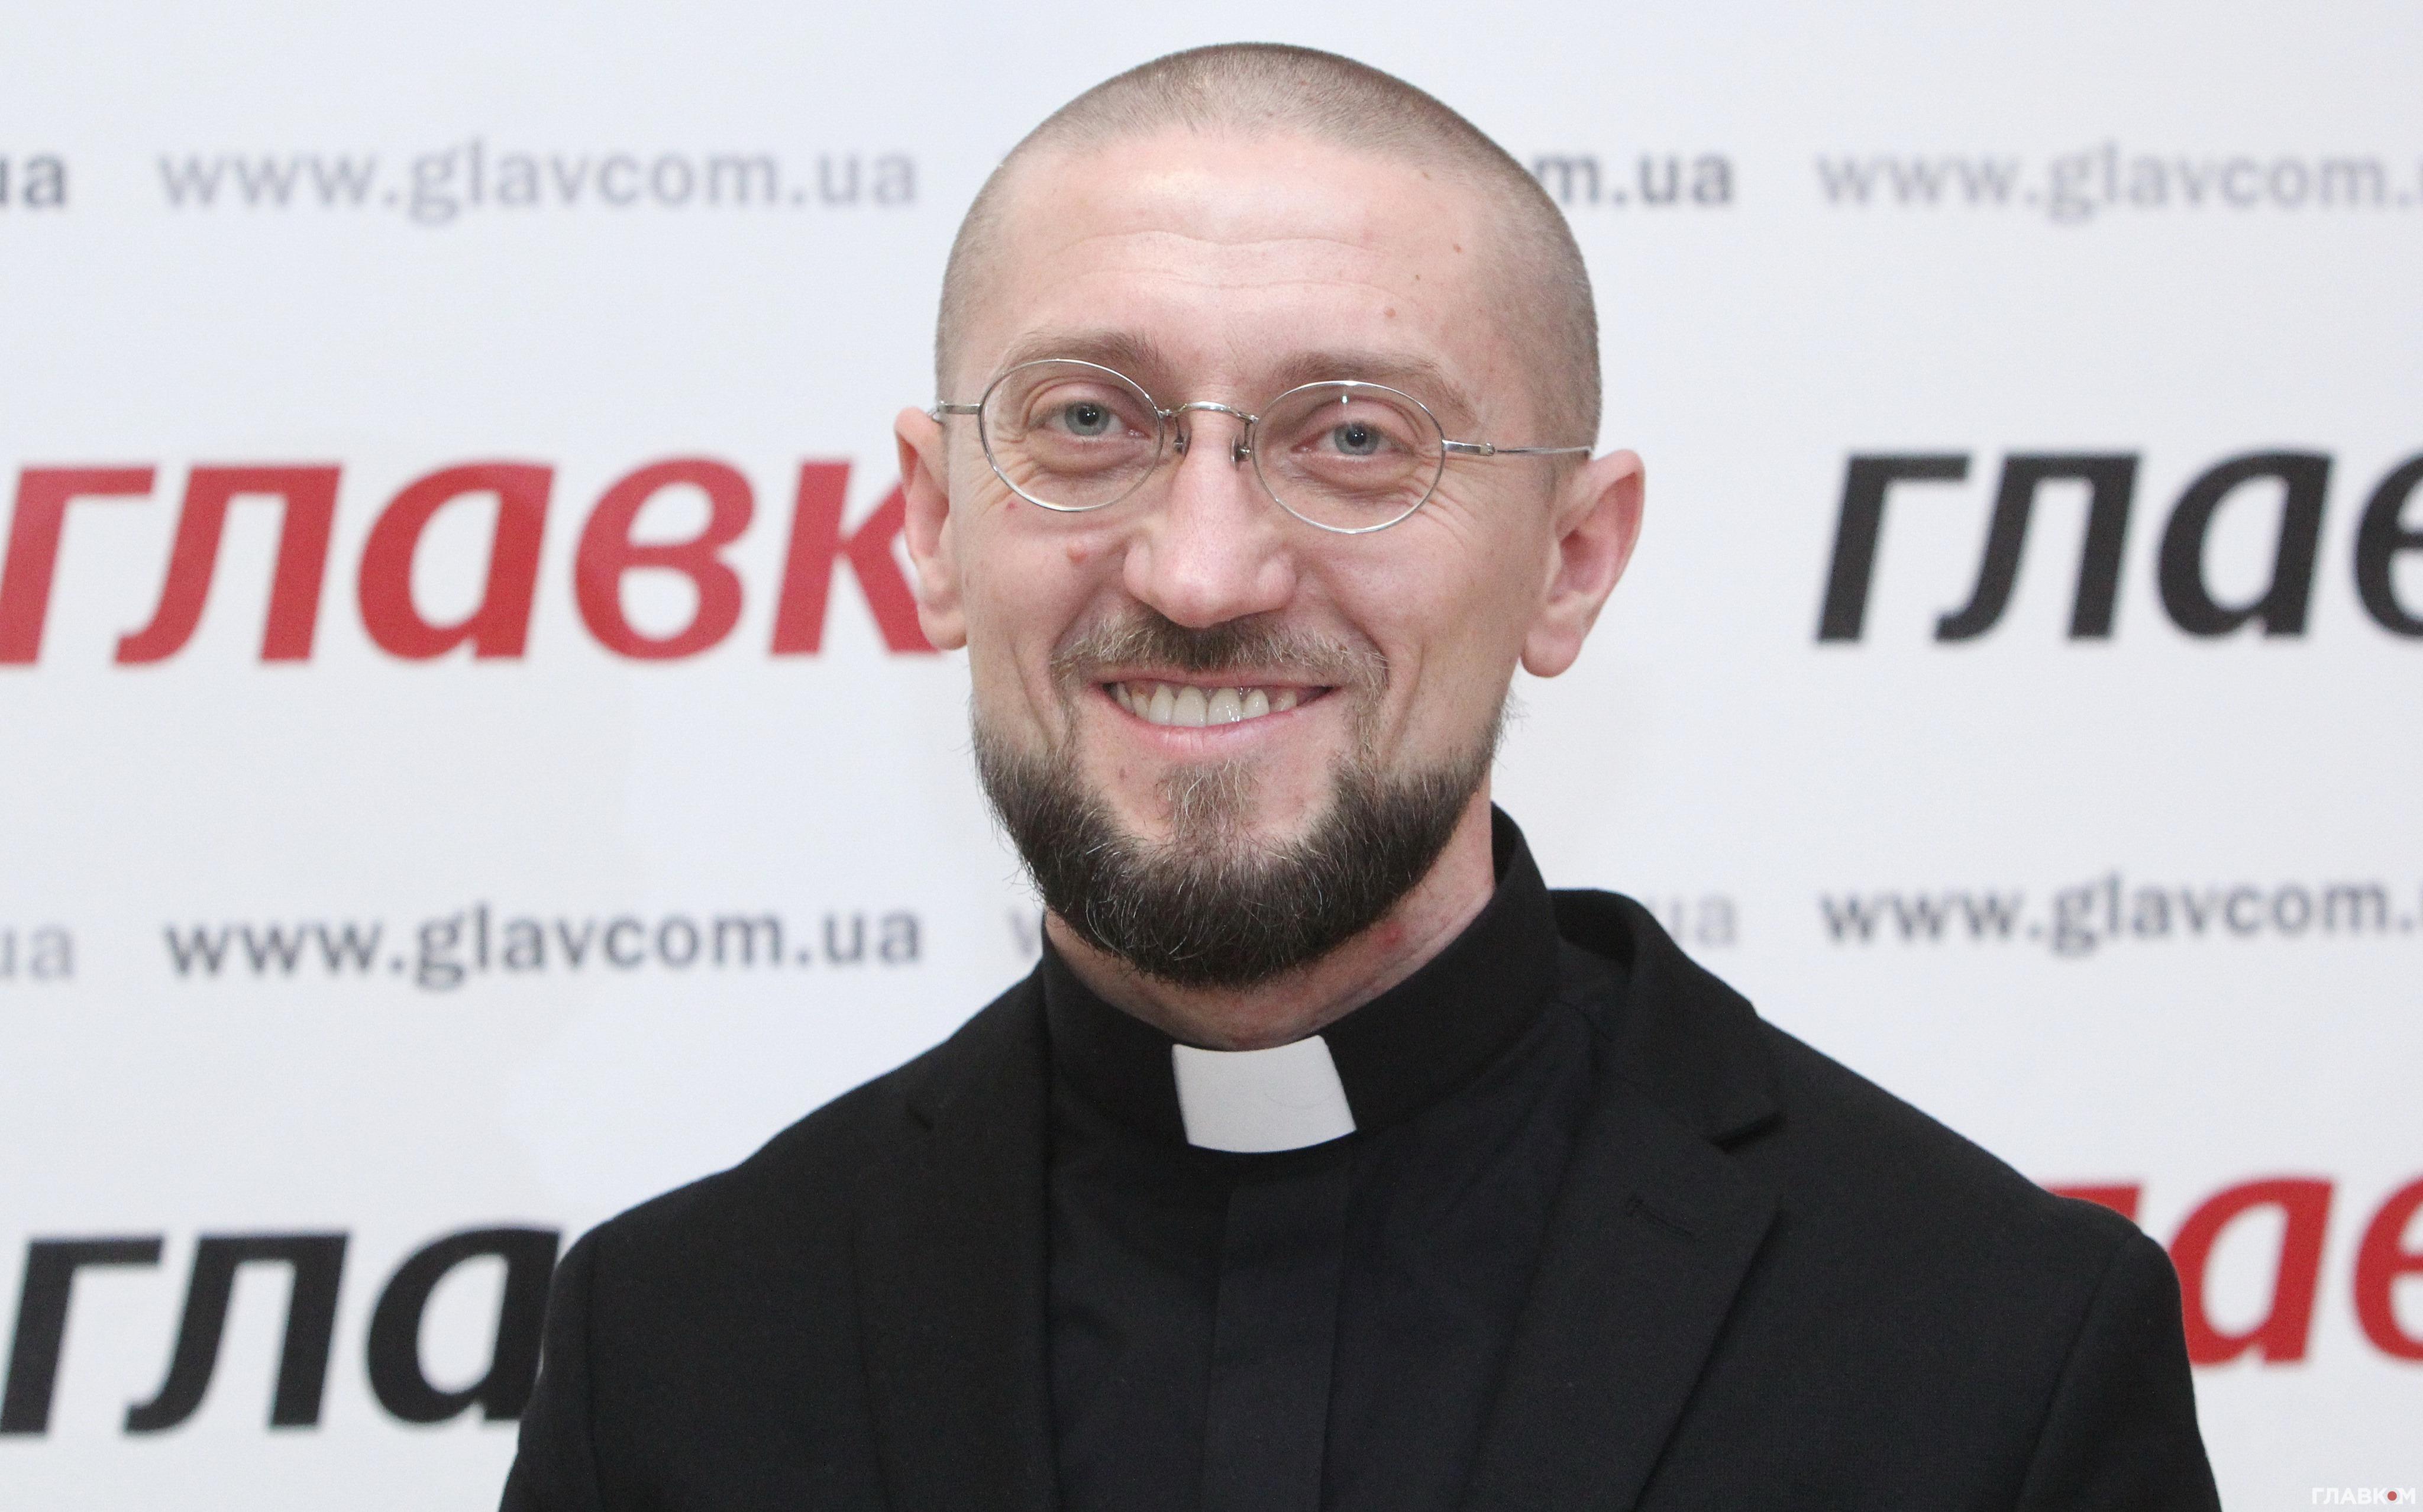 Андрій Зелінський, капелан УГКЦ